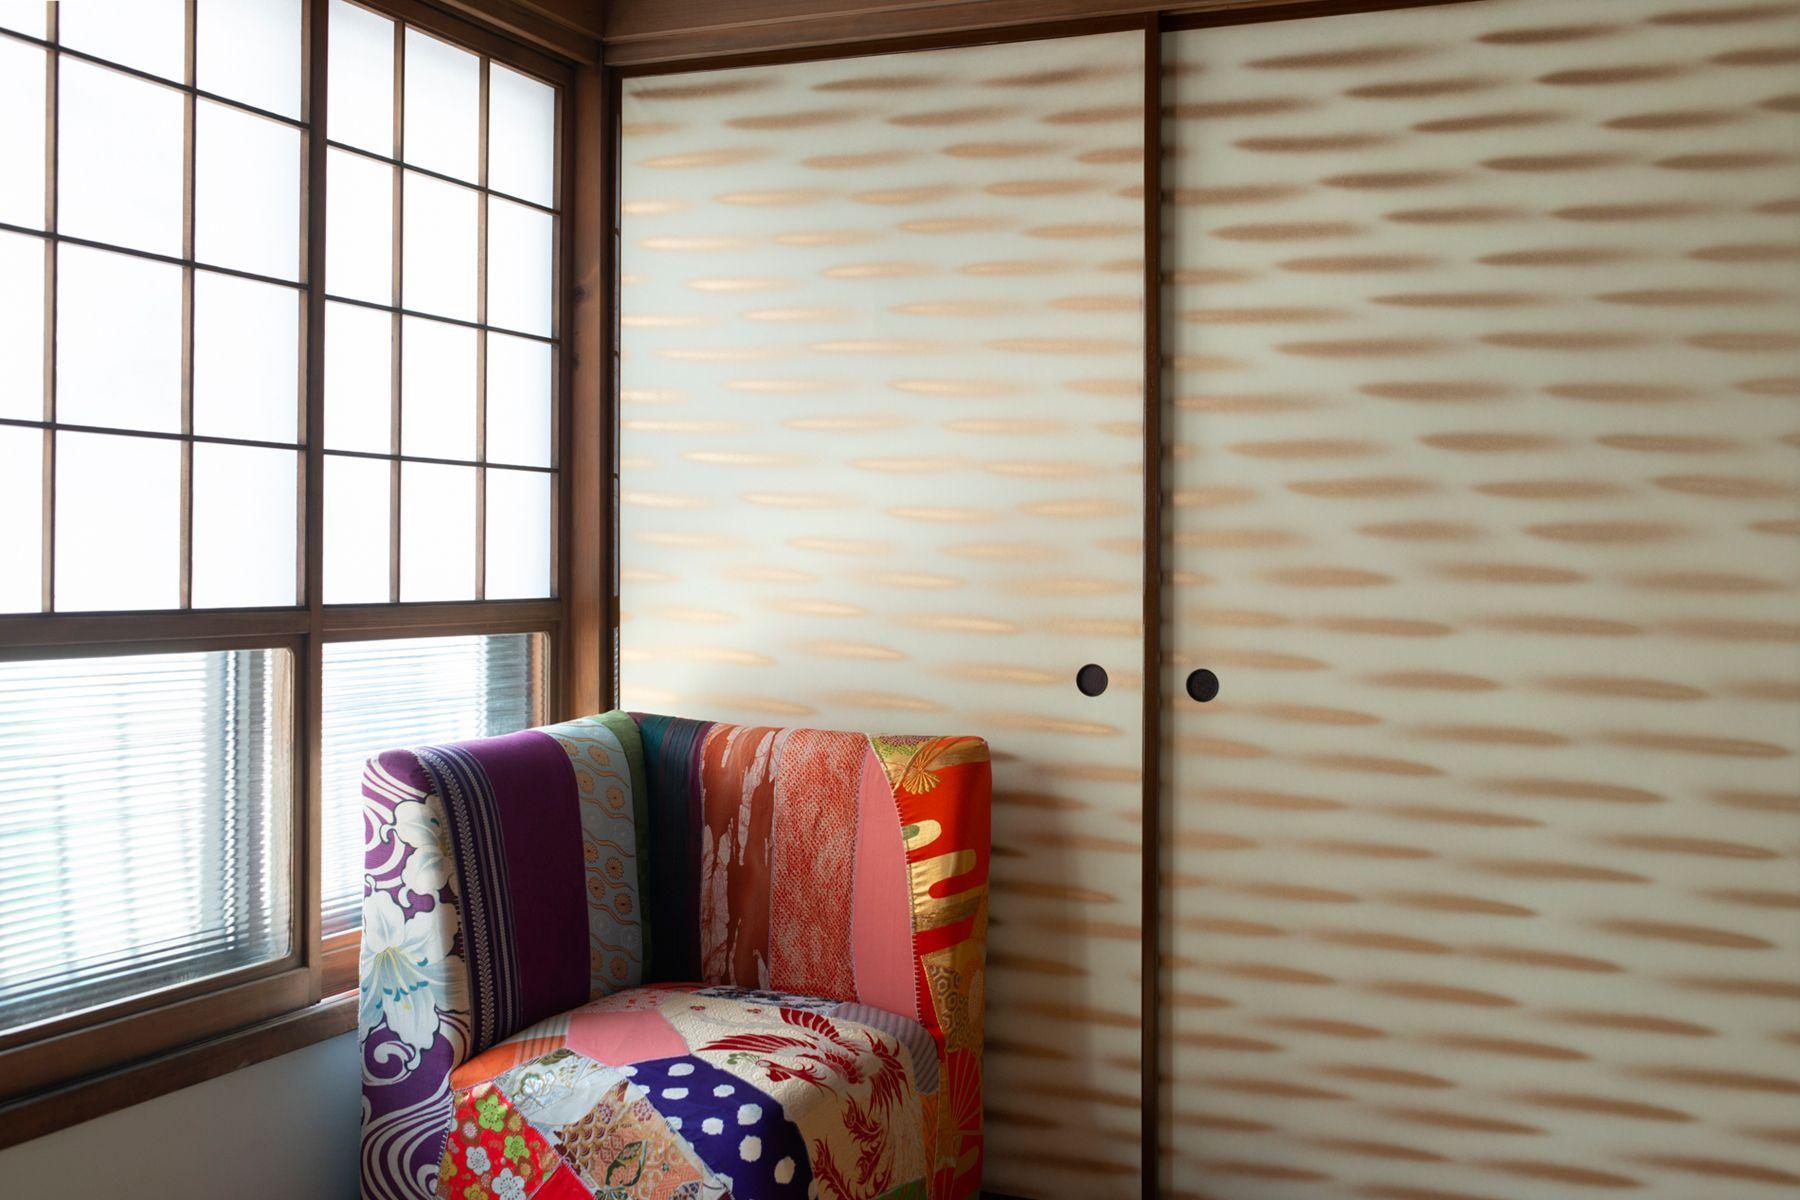 江戸端会議室 (エドバタカイギシツ)和室への入り口は2箇所